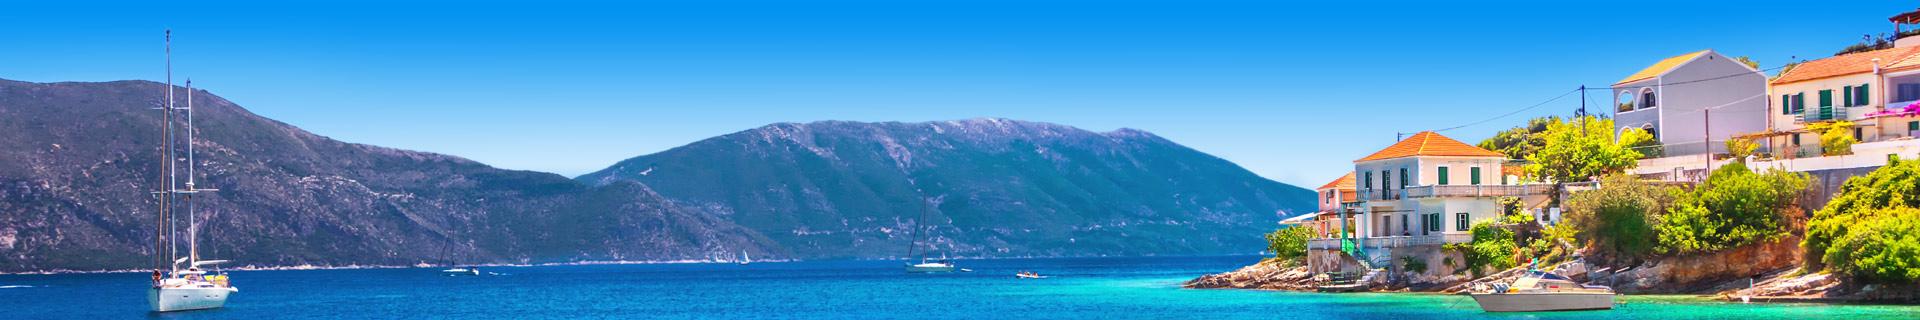 Blauwe zee met bergen aan de kust van Griekenland